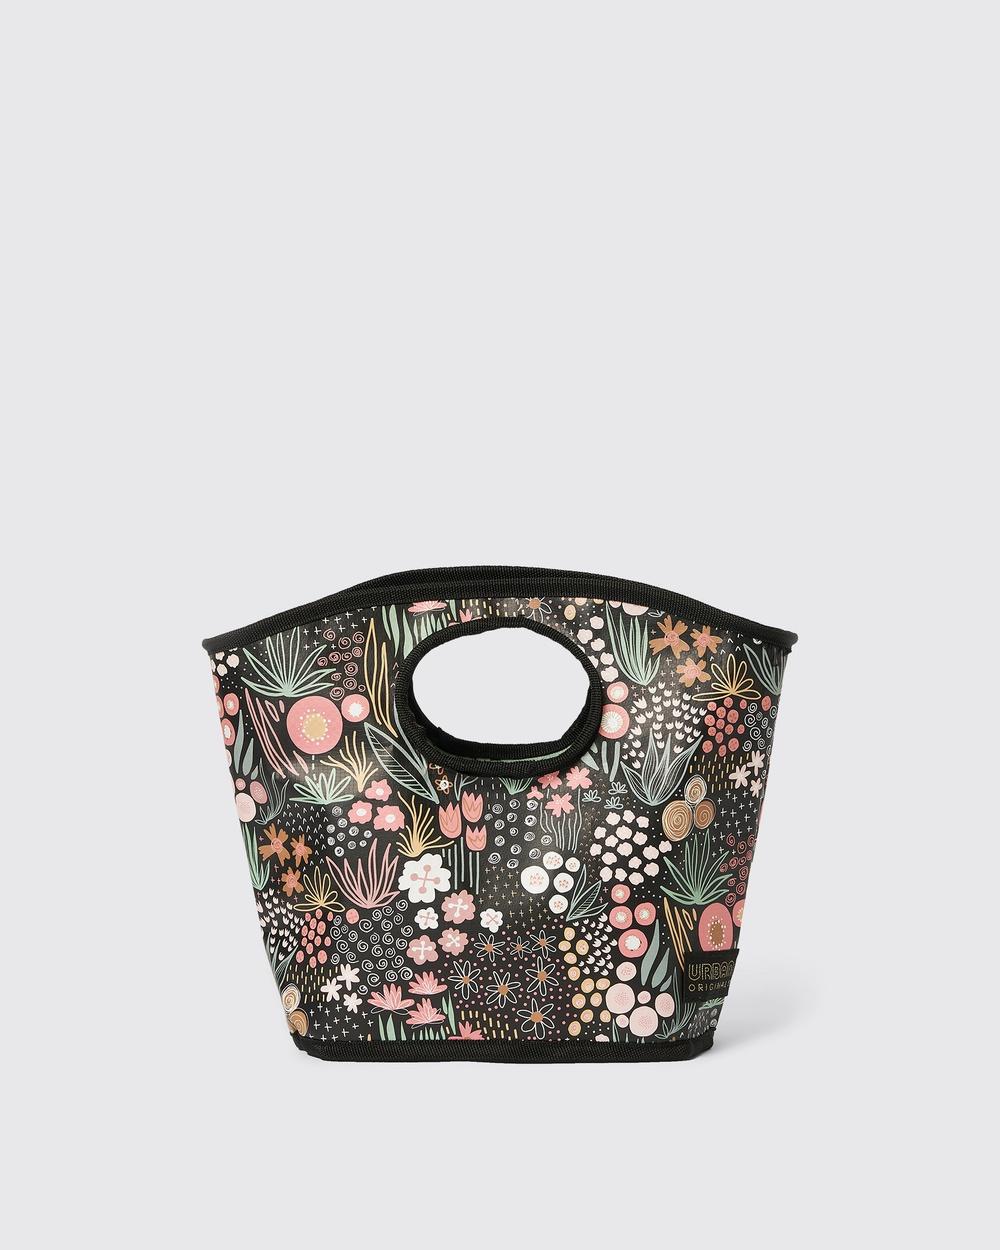 Urban Originals Small Carry All Bag Bags Flowers